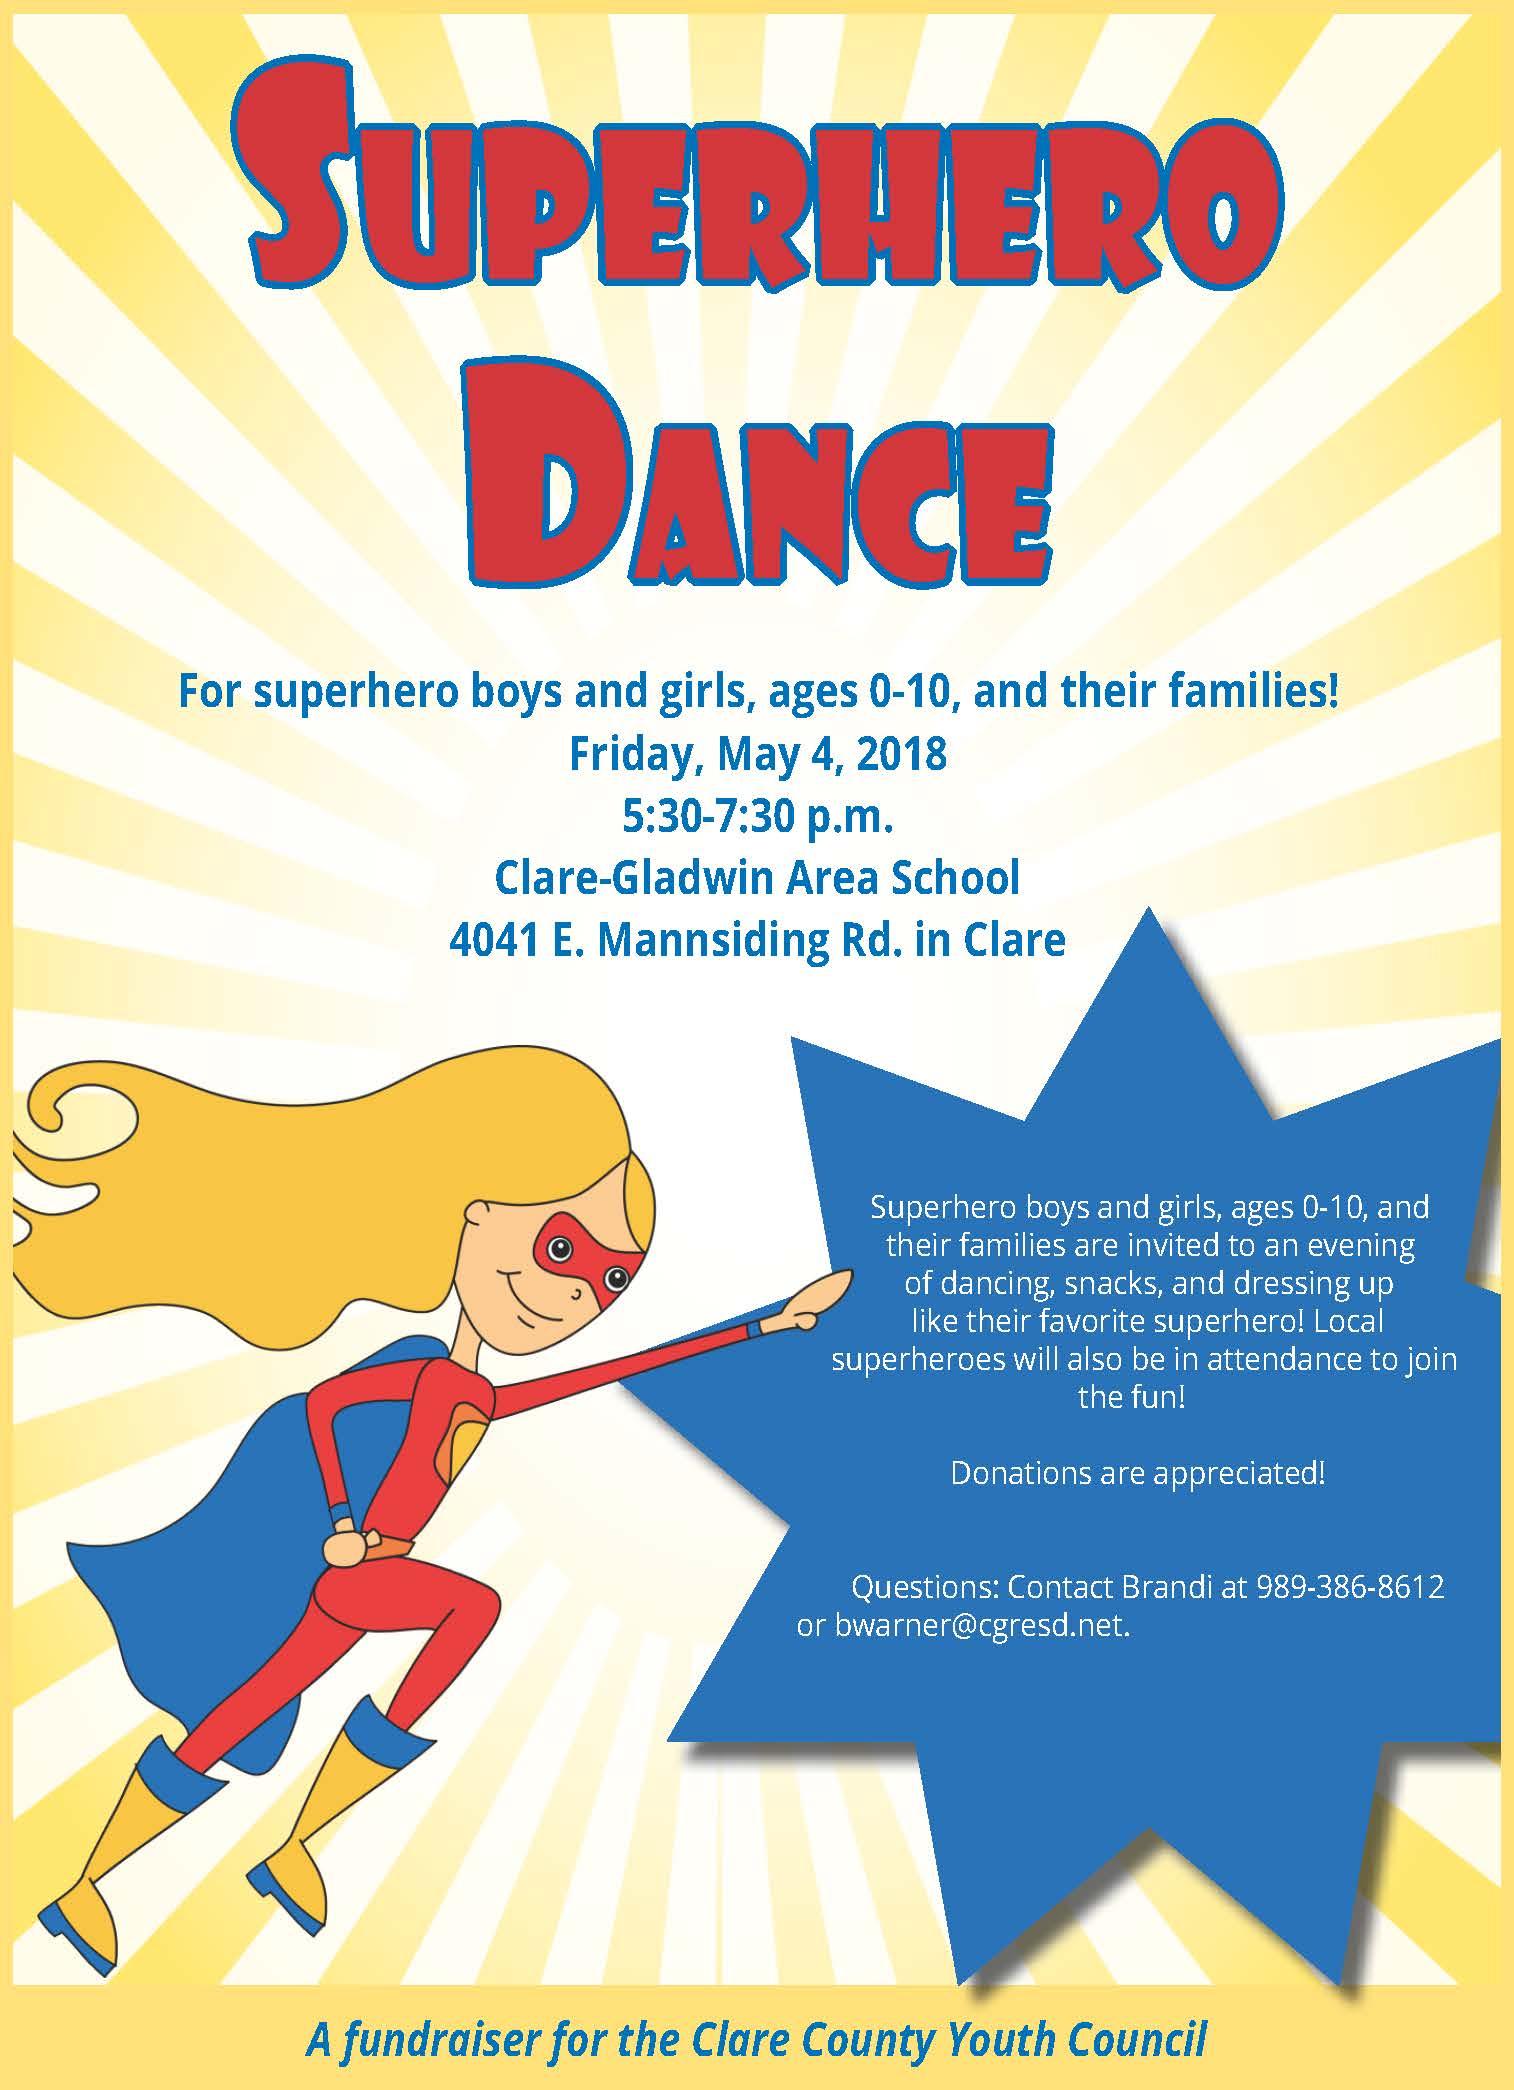 Superhero Dance Flyer 2018.jpg